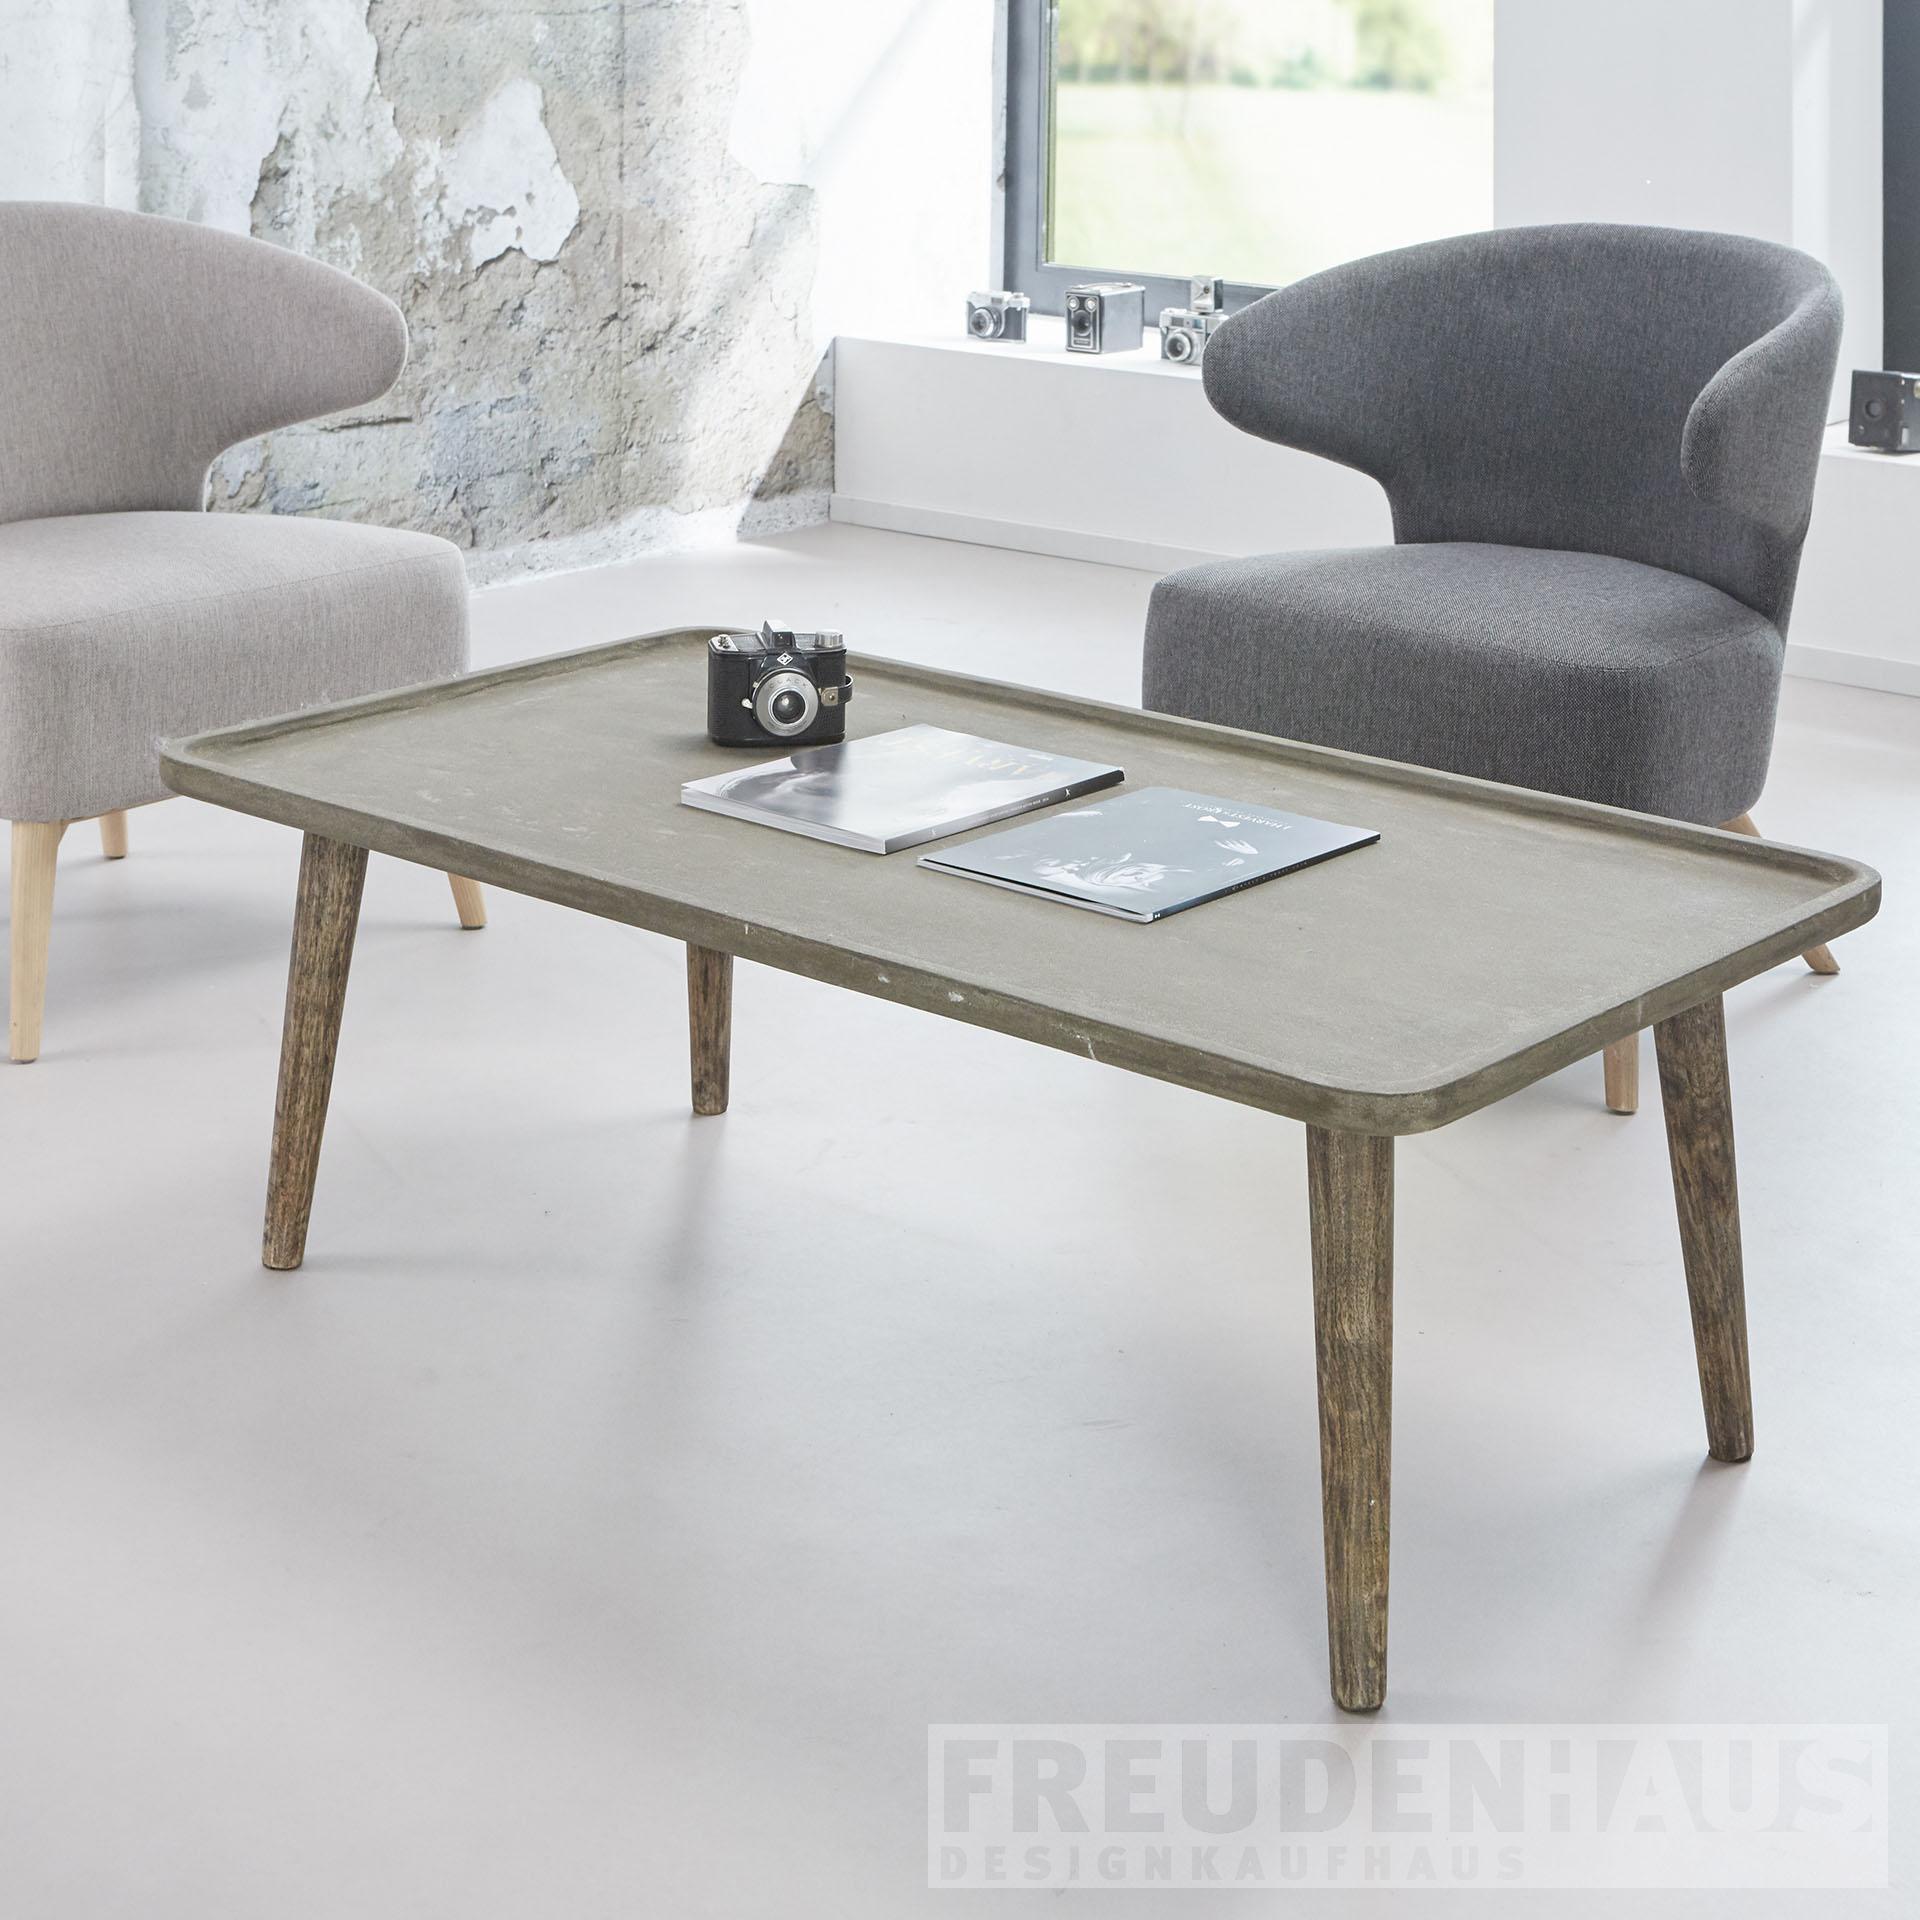 retro couchtisch stuco betonoptik 120 60 m bel wohnen couchtische freudenhaus designkaufhaus. Black Bedroom Furniture Sets. Home Design Ideas